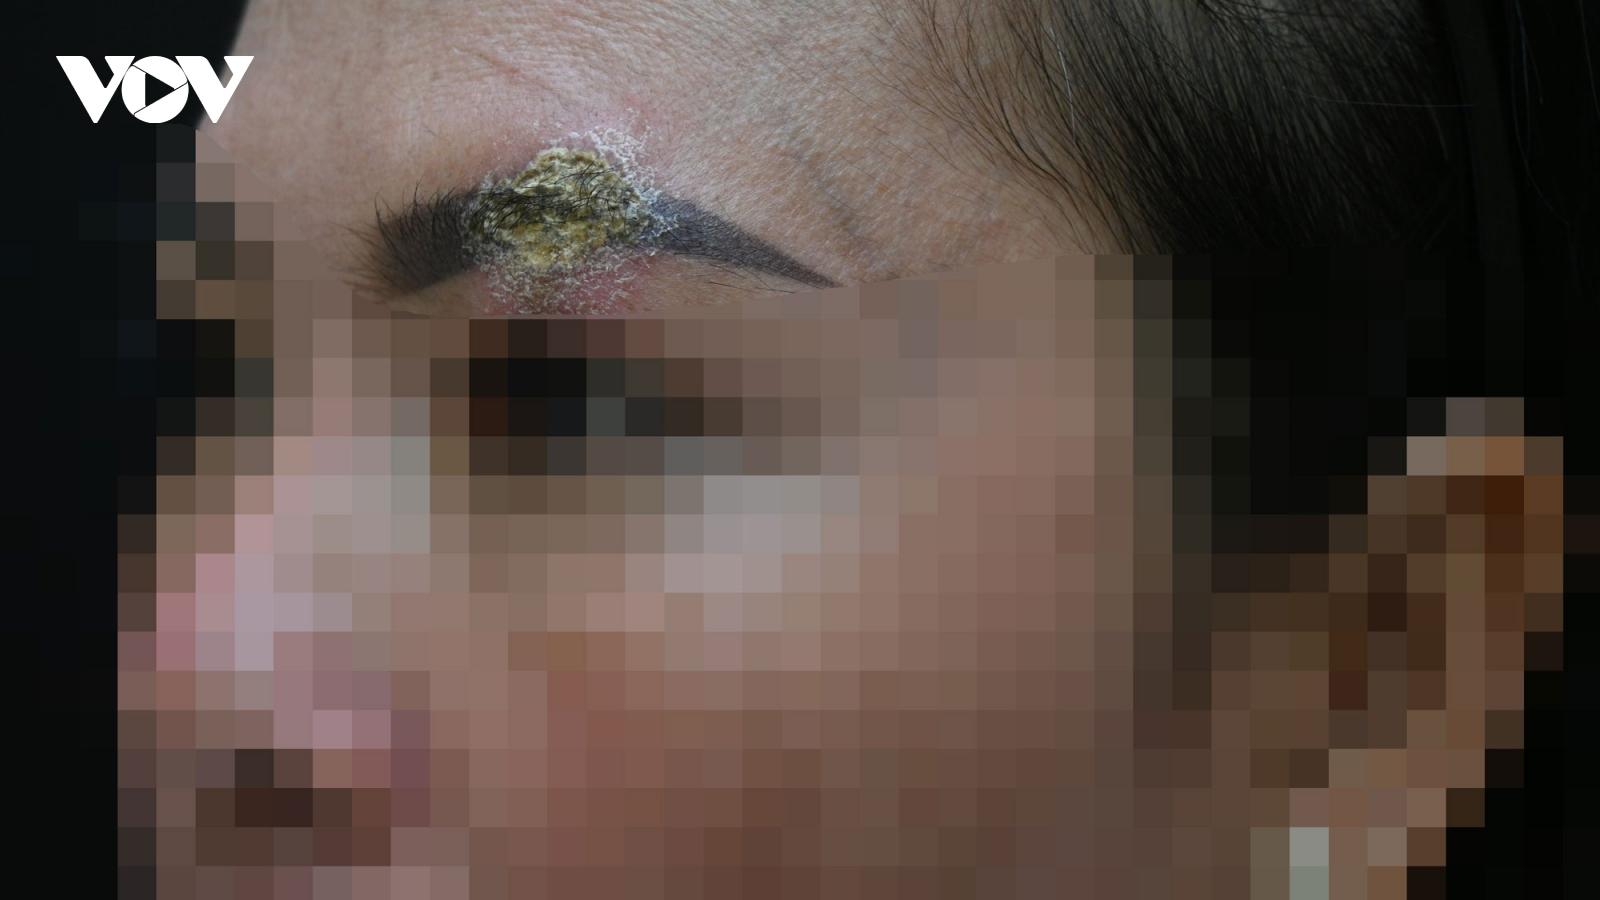 Xăm môi làm đẹp, 1 phụ nữ bị tai biến nhiễm trùng